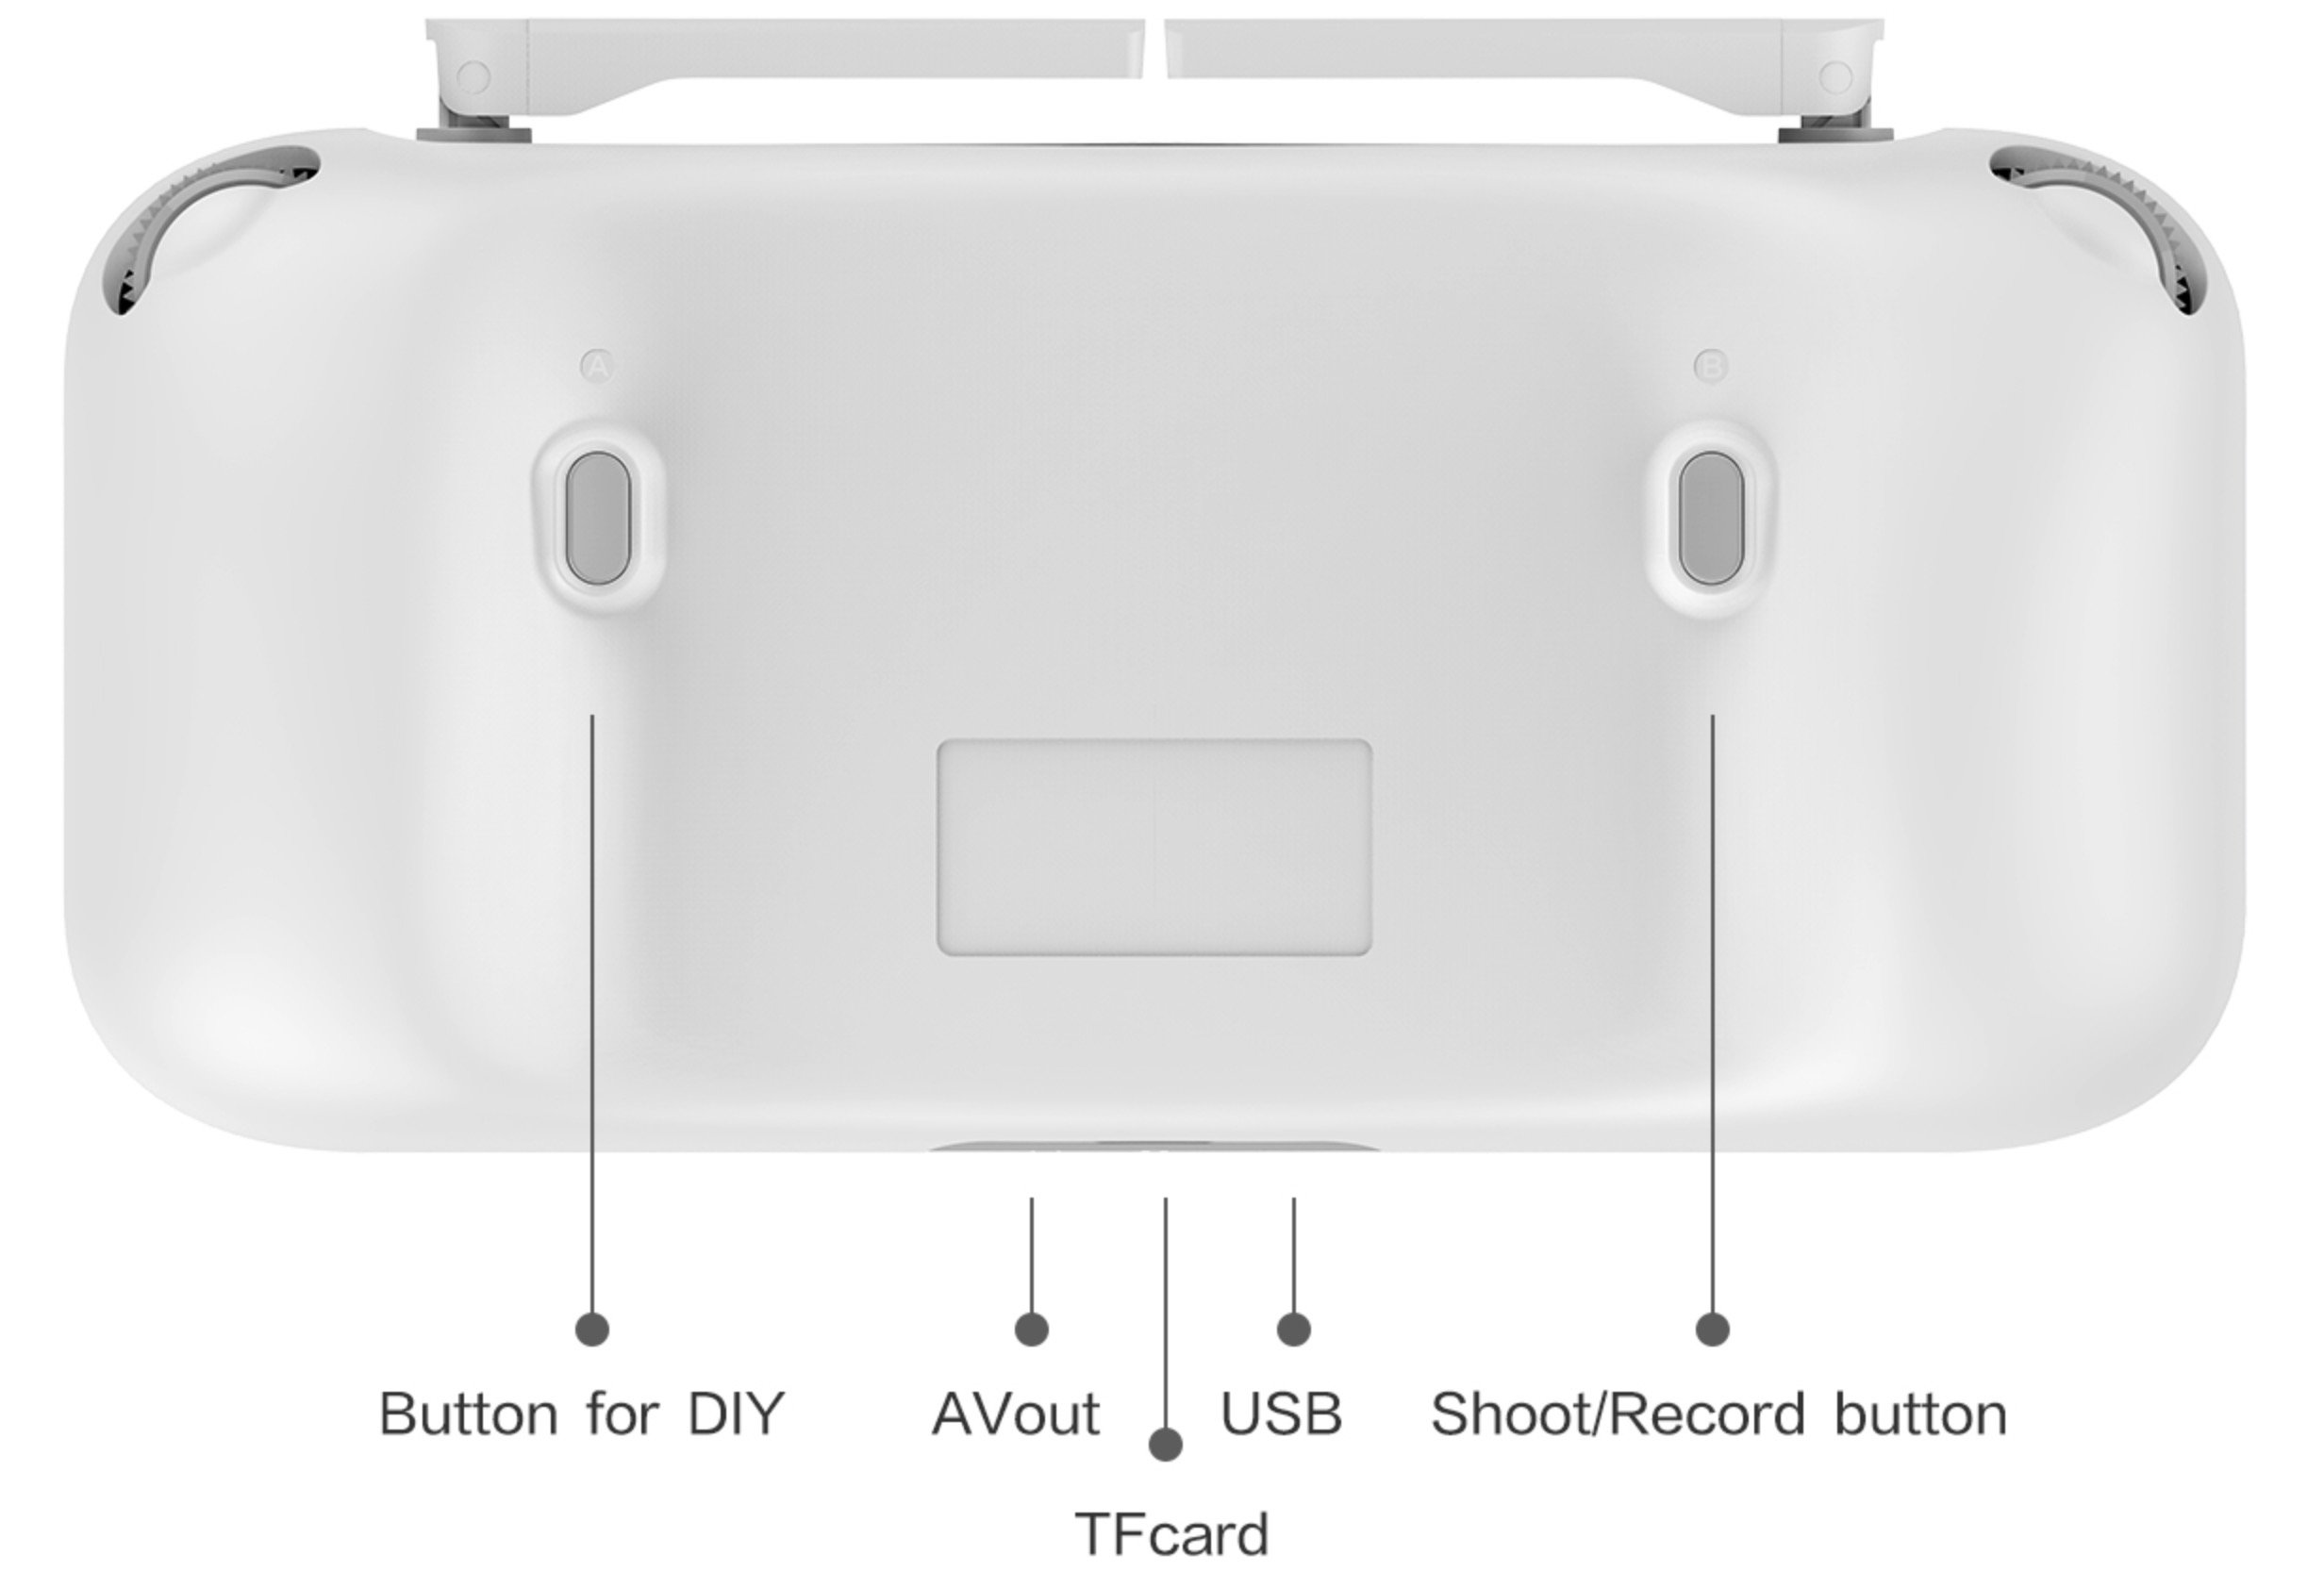 Xiaomi FiMI A3 - wie gut ist eine Drohne unter 300€ ? - xiaomi, featured